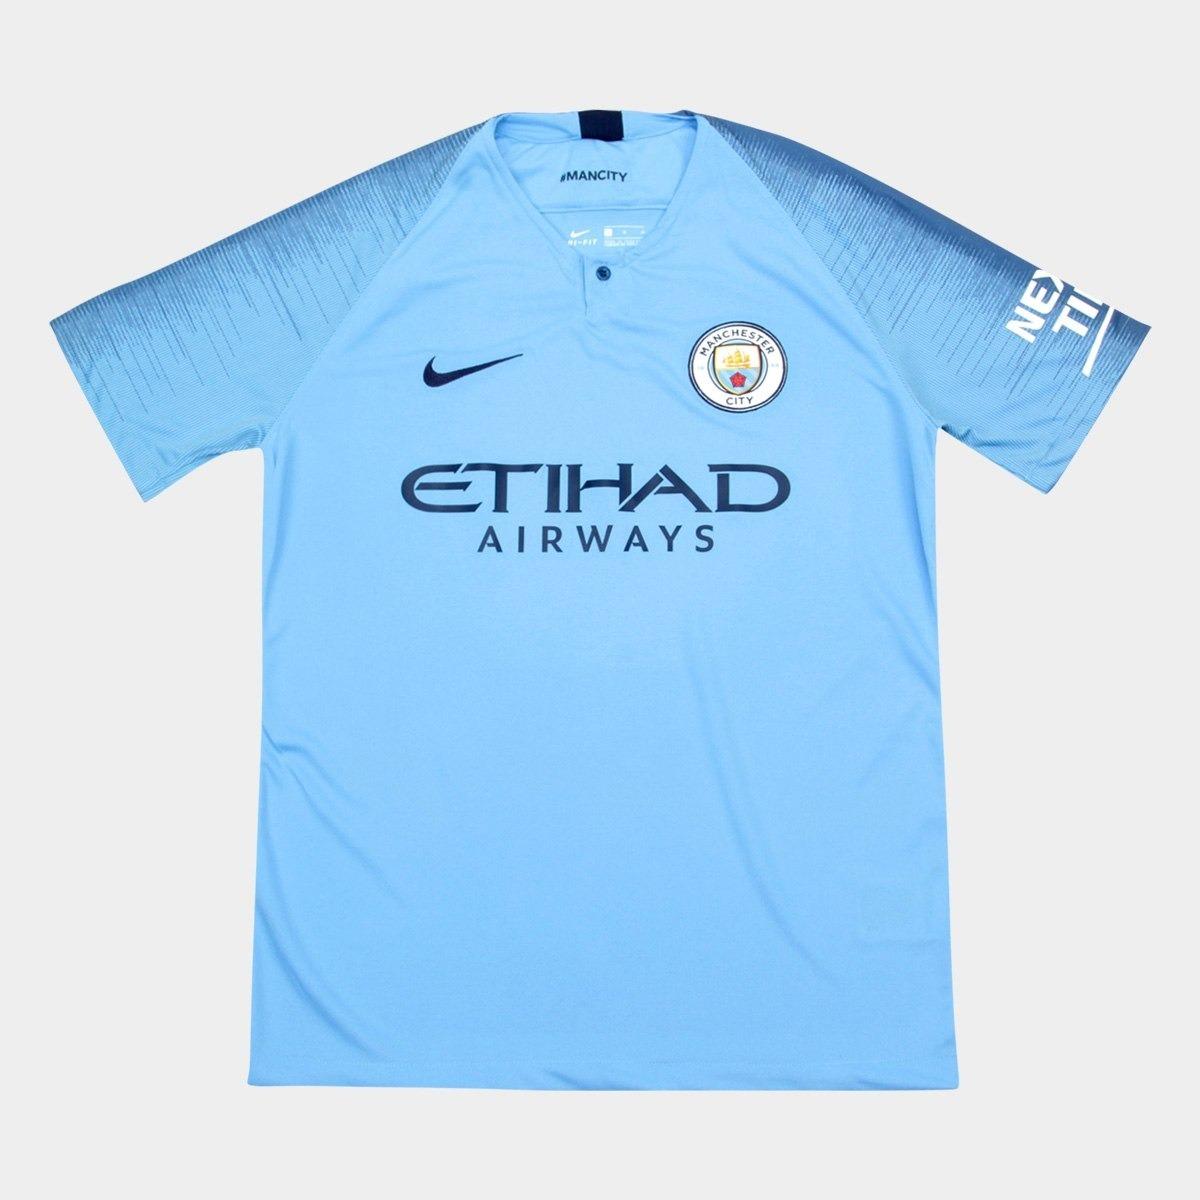 525bb3524bba3 camiseta nike manchester-city 2918 19 original frete grátis. Carregando zoom .